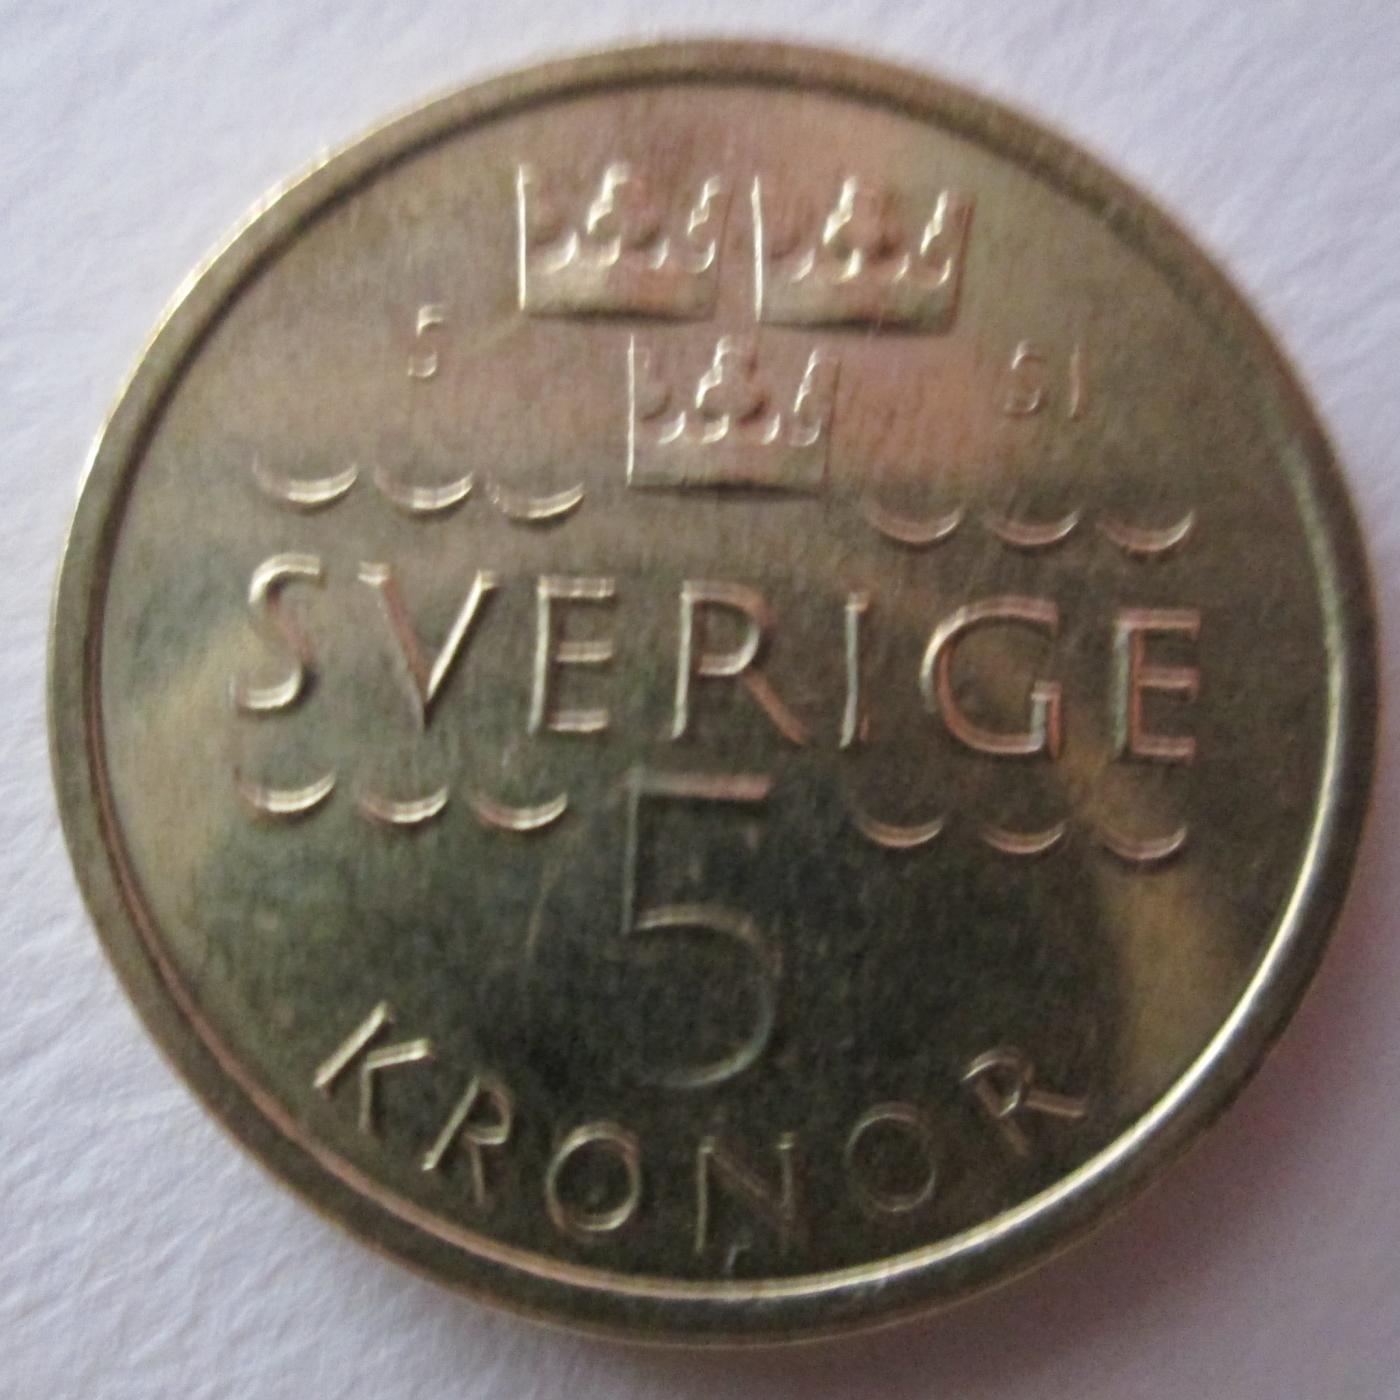 5 Kronor 2016